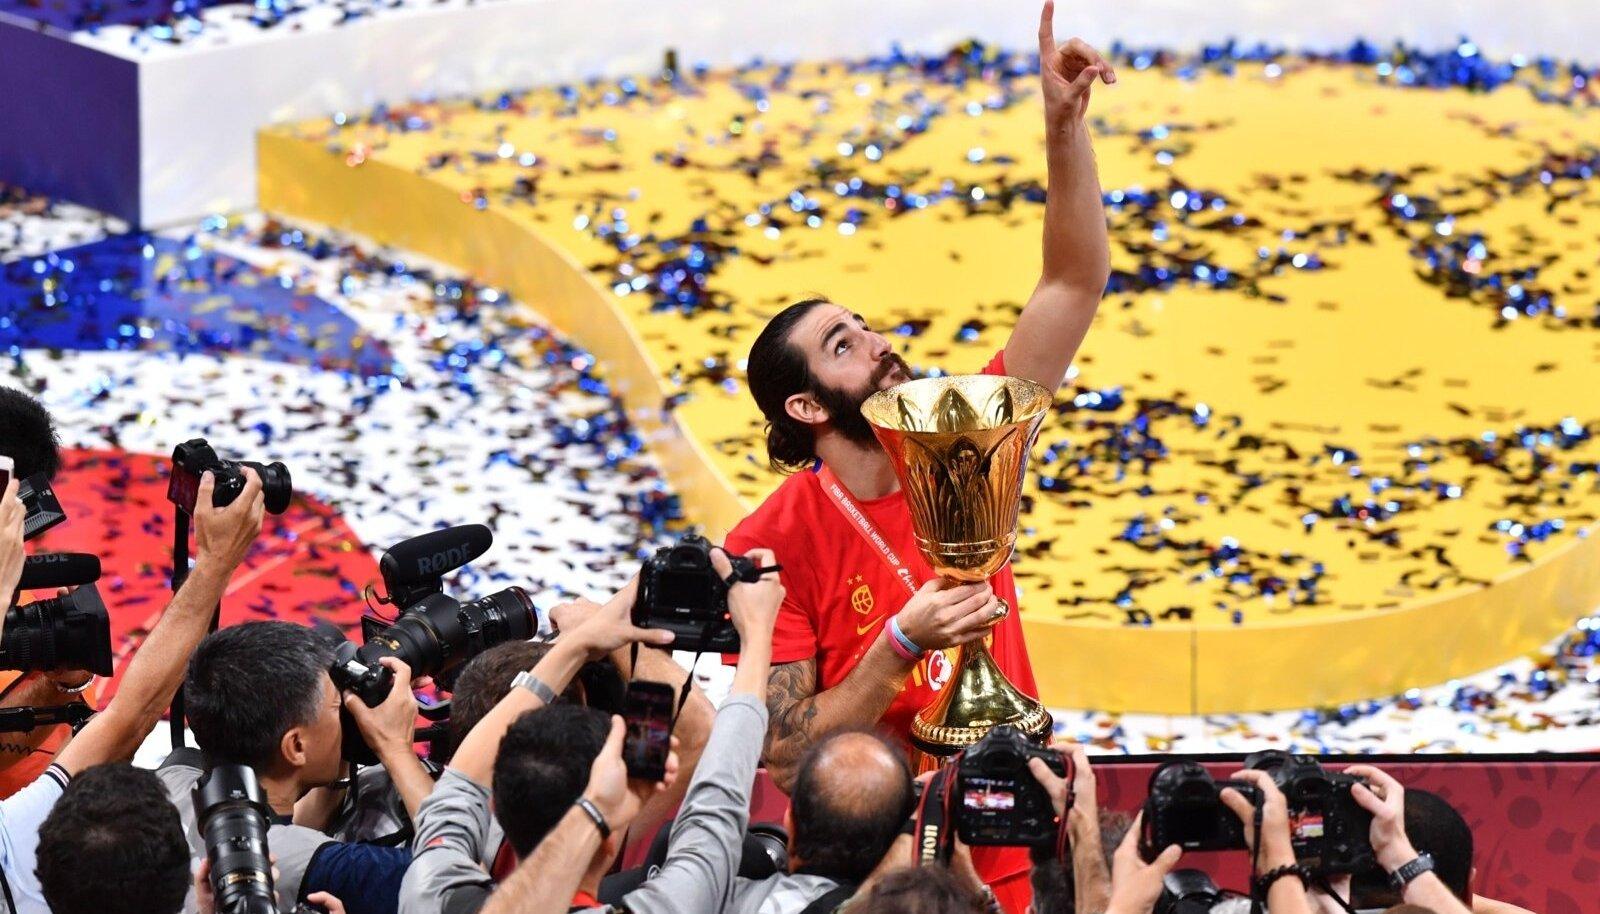 Ricky Rubio tegi elu parima turniiri ja pälvis lisaks MM-tiitlile ka kõige väärtuslikuma mängija autasu.